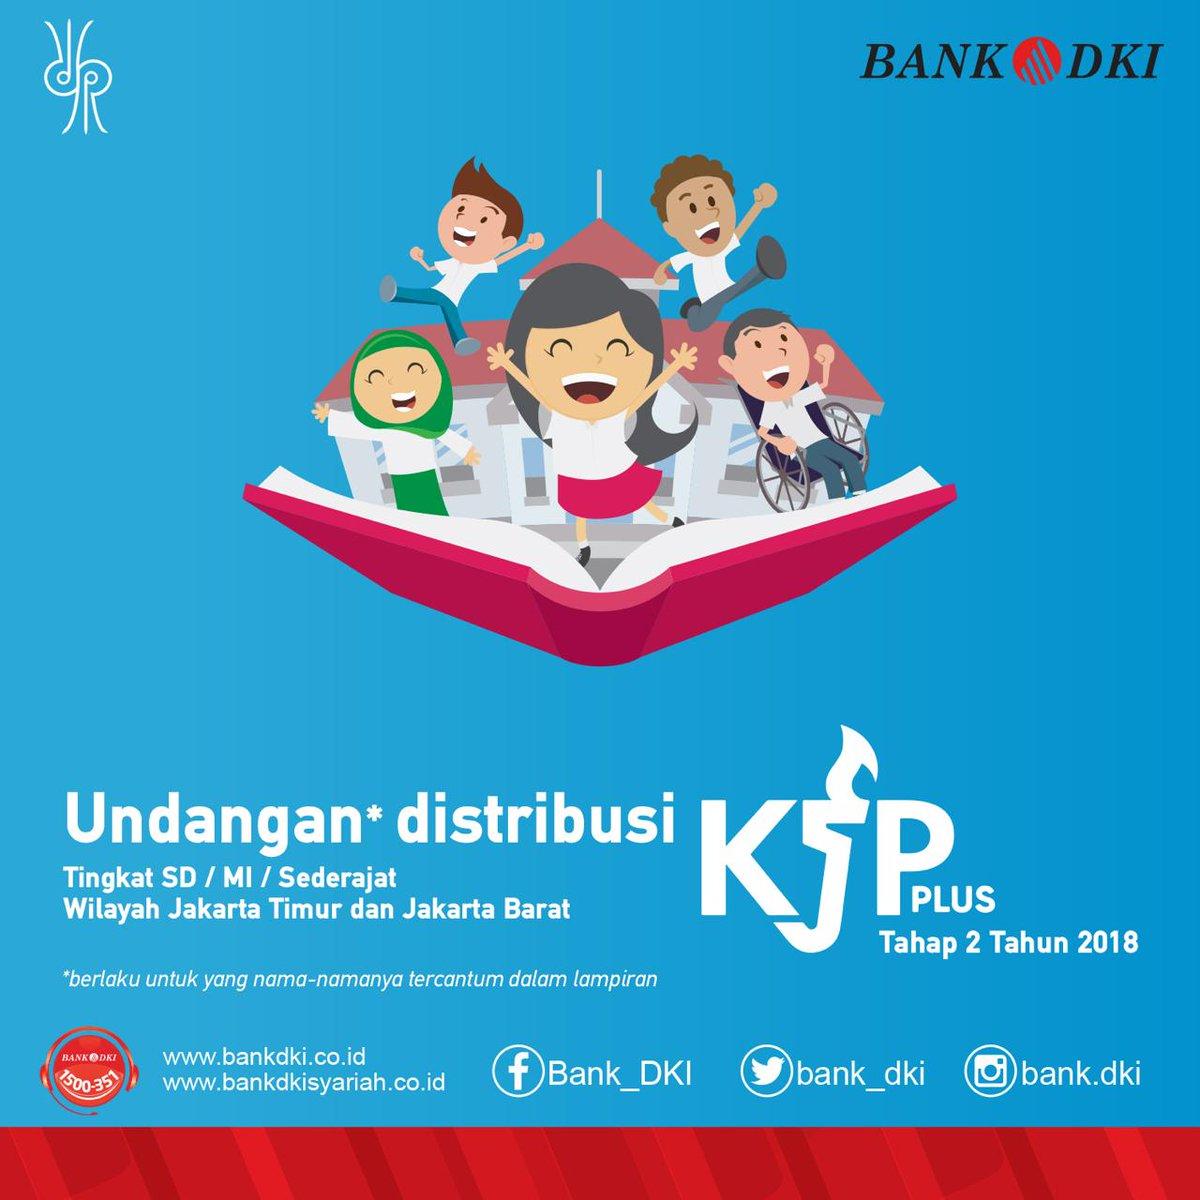 Pemprov Dki Jakarta On Twitter Pemberitahuan Kepada Orang Tua Wali Siswa Sd Mi Sederajat Penerima Baru Kjp Plus Tahap Ii 2018 Wilayah Jakarta Timur Jakarta Barat Diharap Hadir Ke Undangan Pengambilan Kartu Kjp Plus Segera